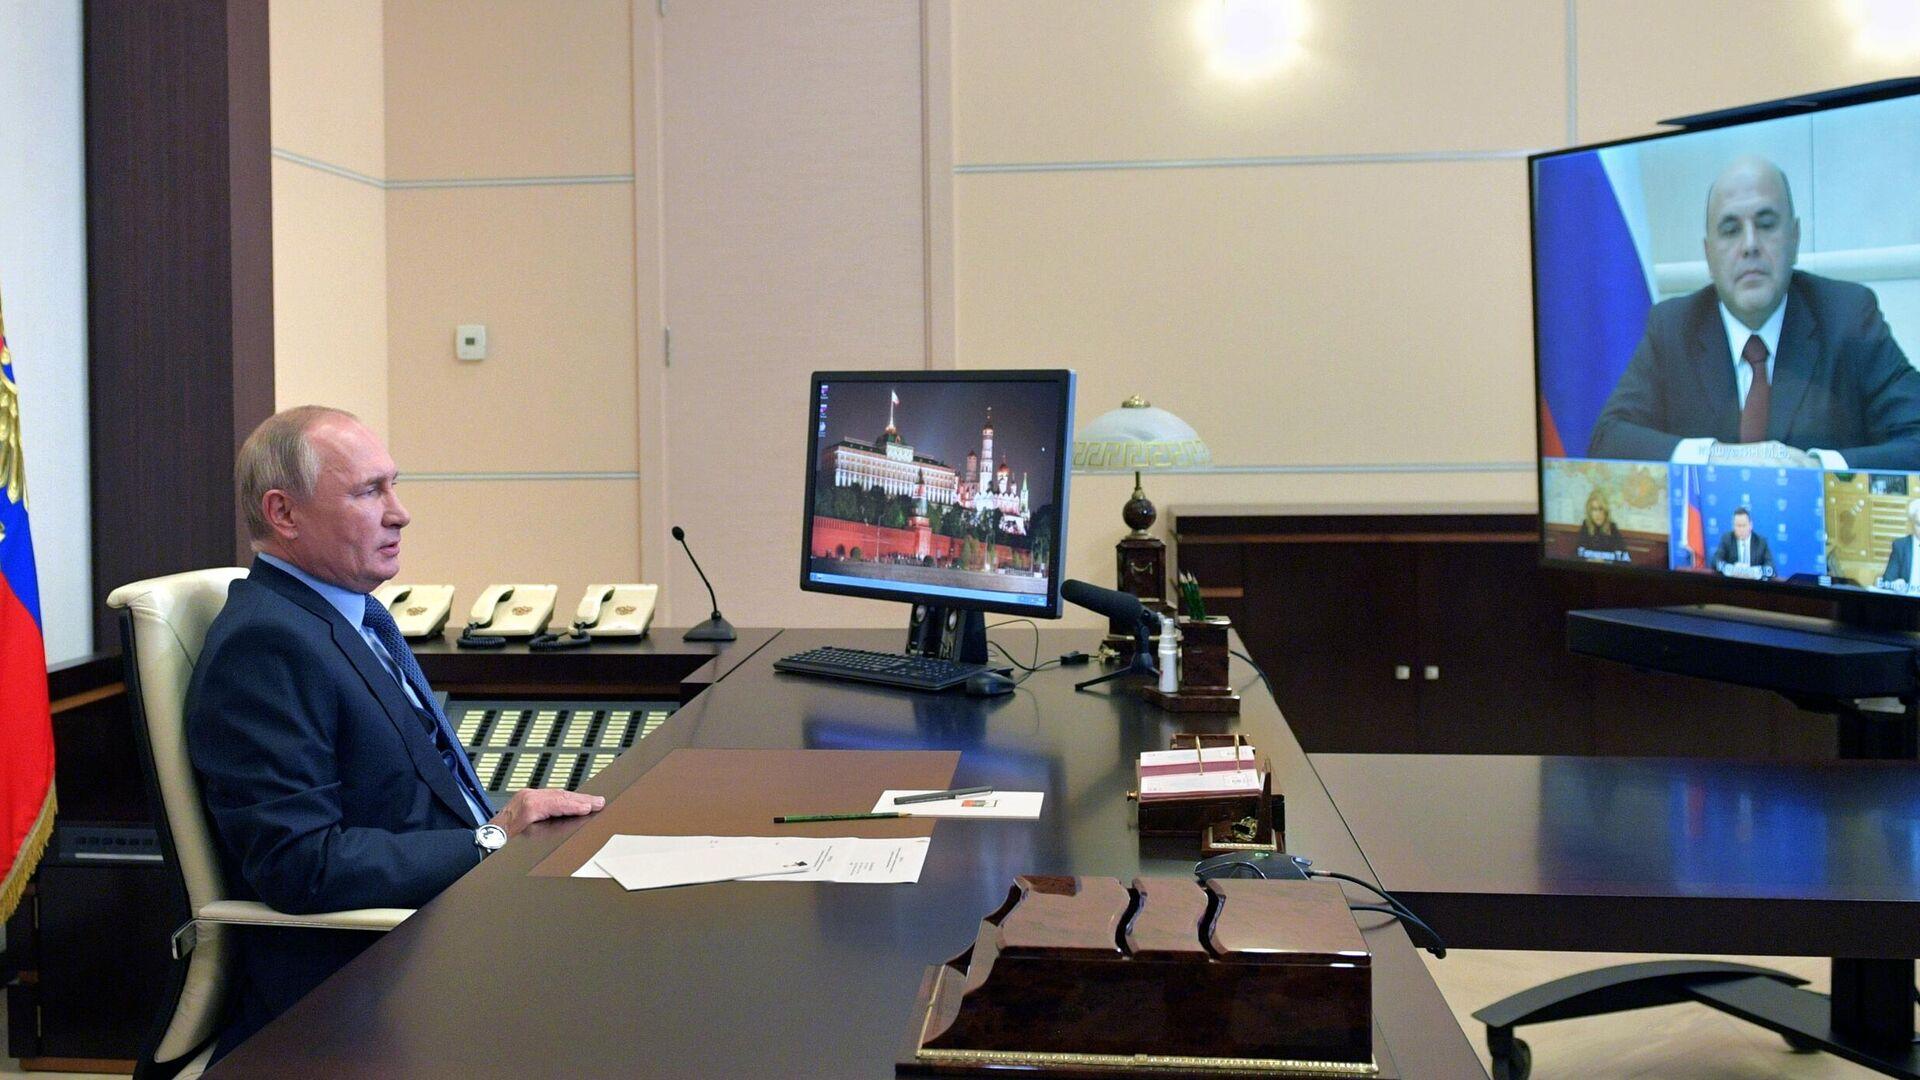 Президент РФ Владимир Путин проводит в режиме видеосвязи совещание по экономическим вопросам - РИА Новости, 1920, 23.10.2020